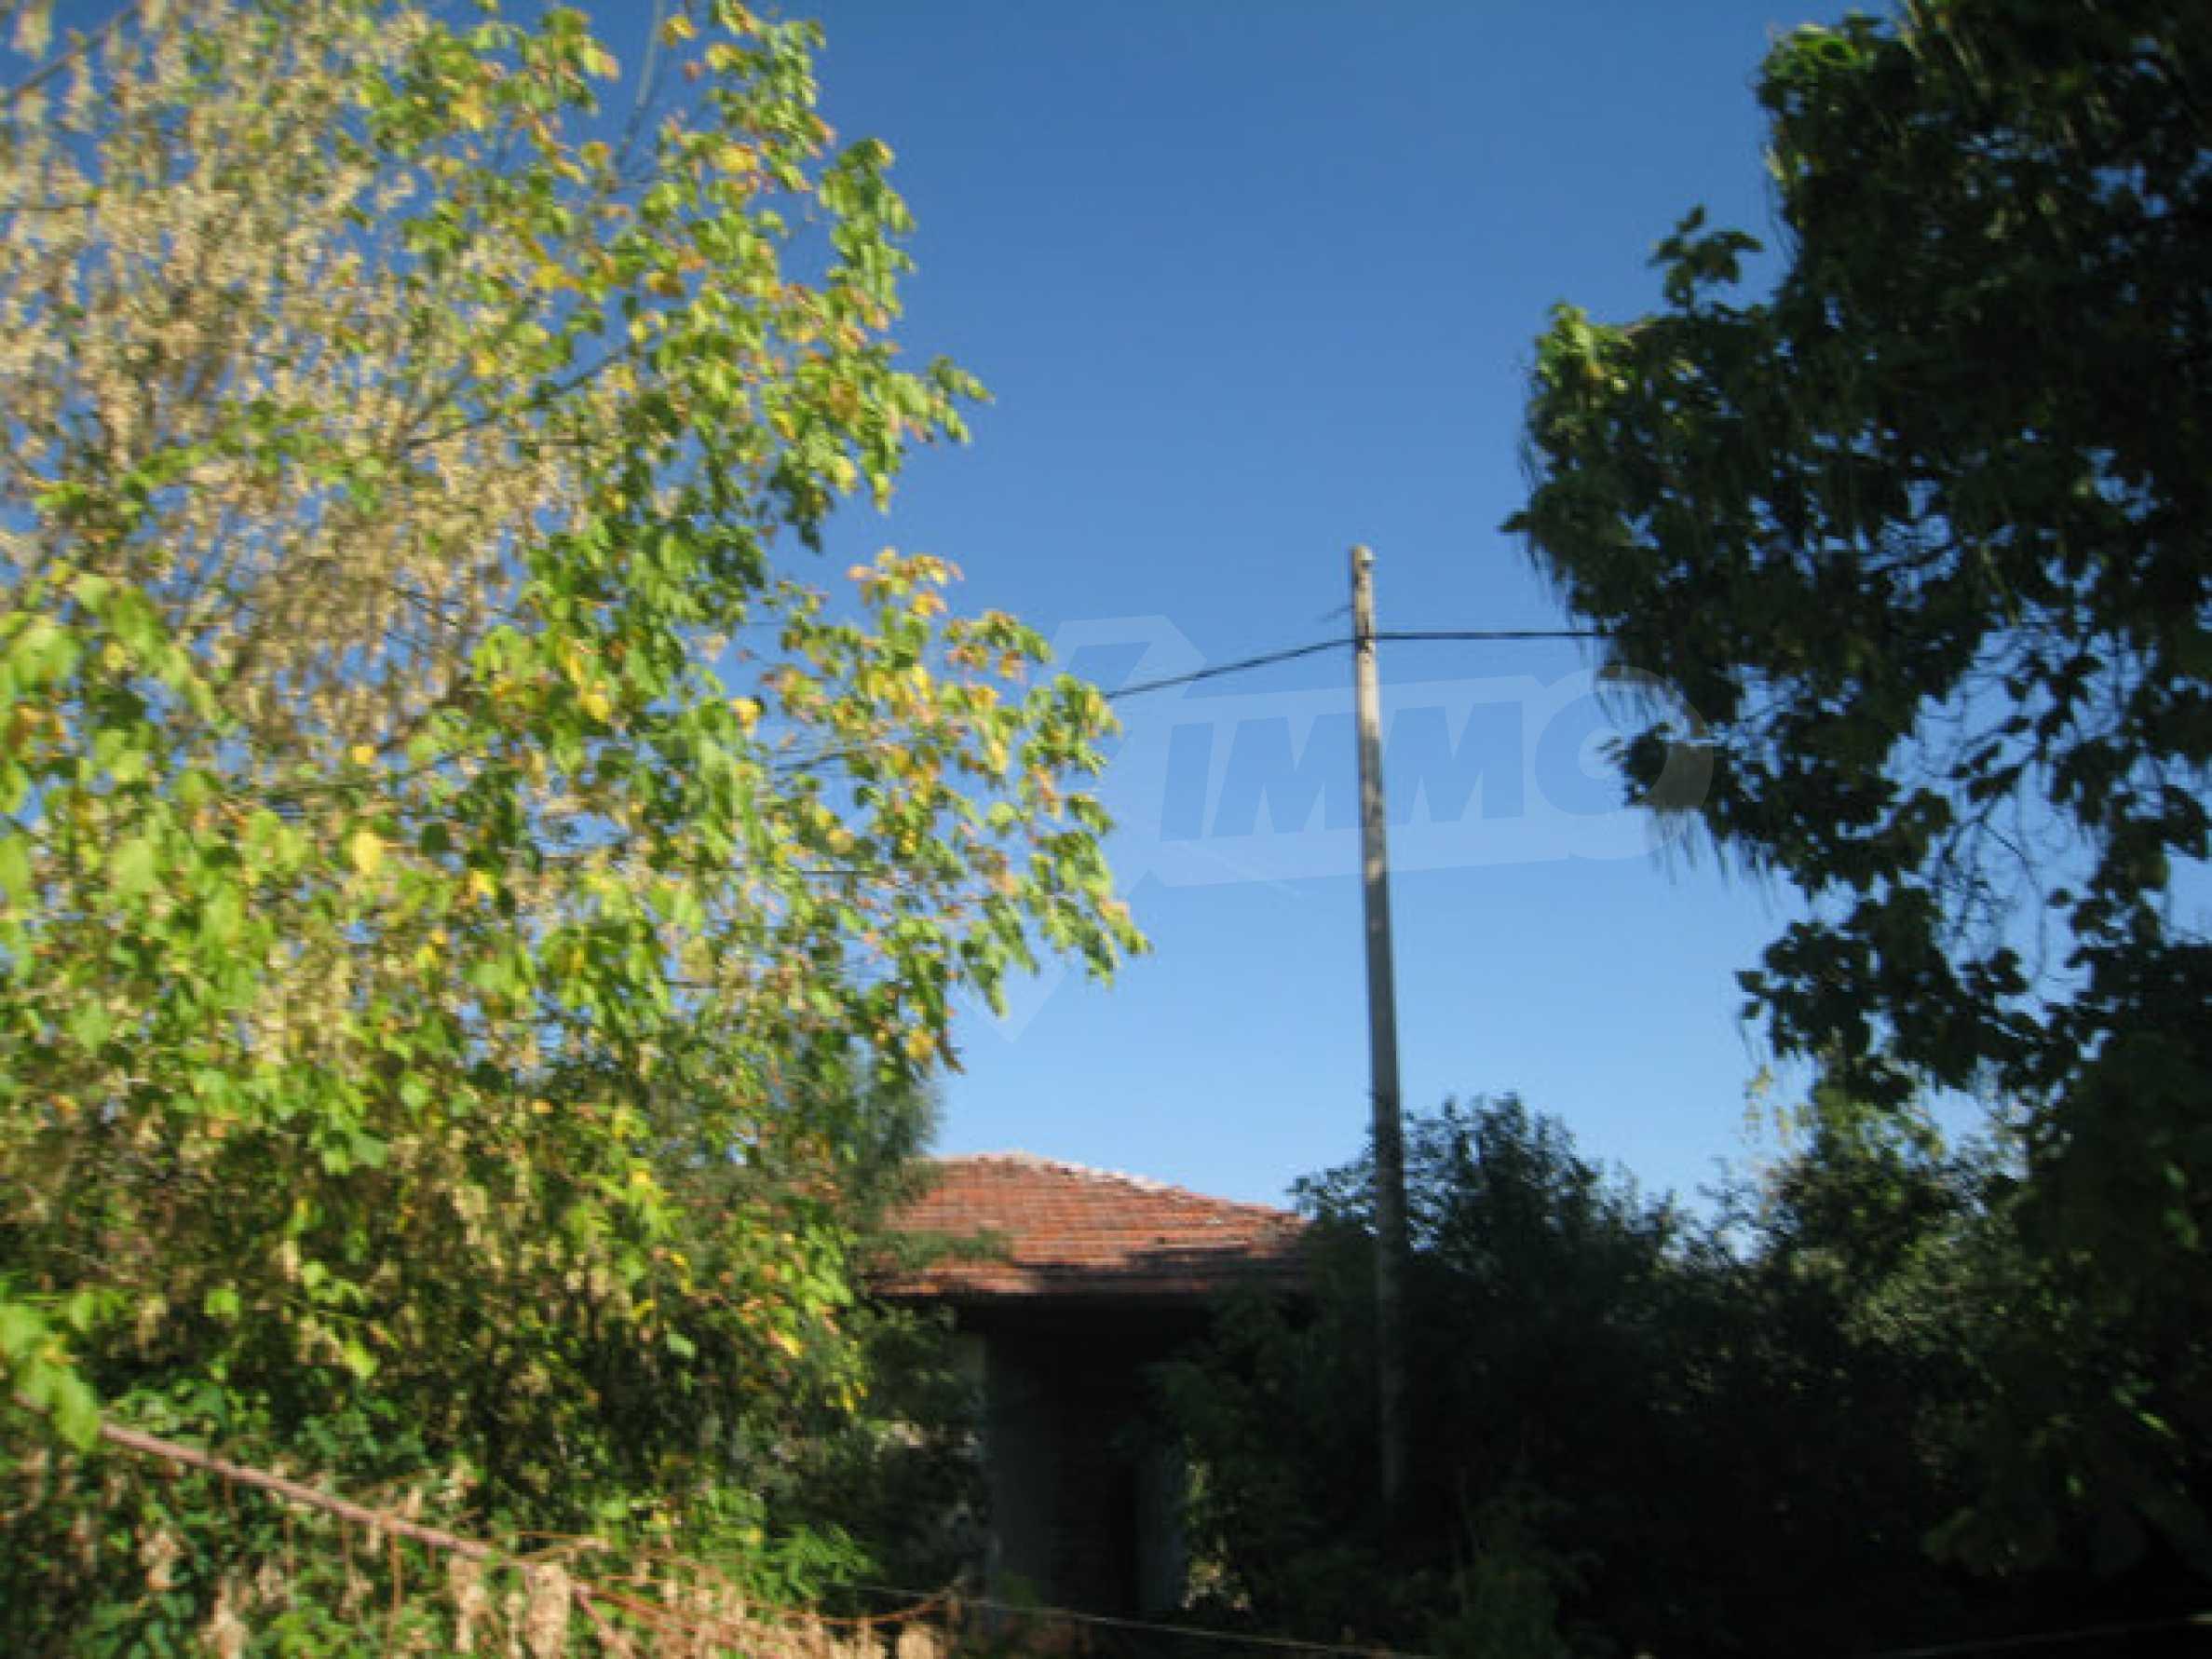 Großes reguliertes Grundstück für den Bau eines Privatgrundstücks in der Nähe von Sofia 5